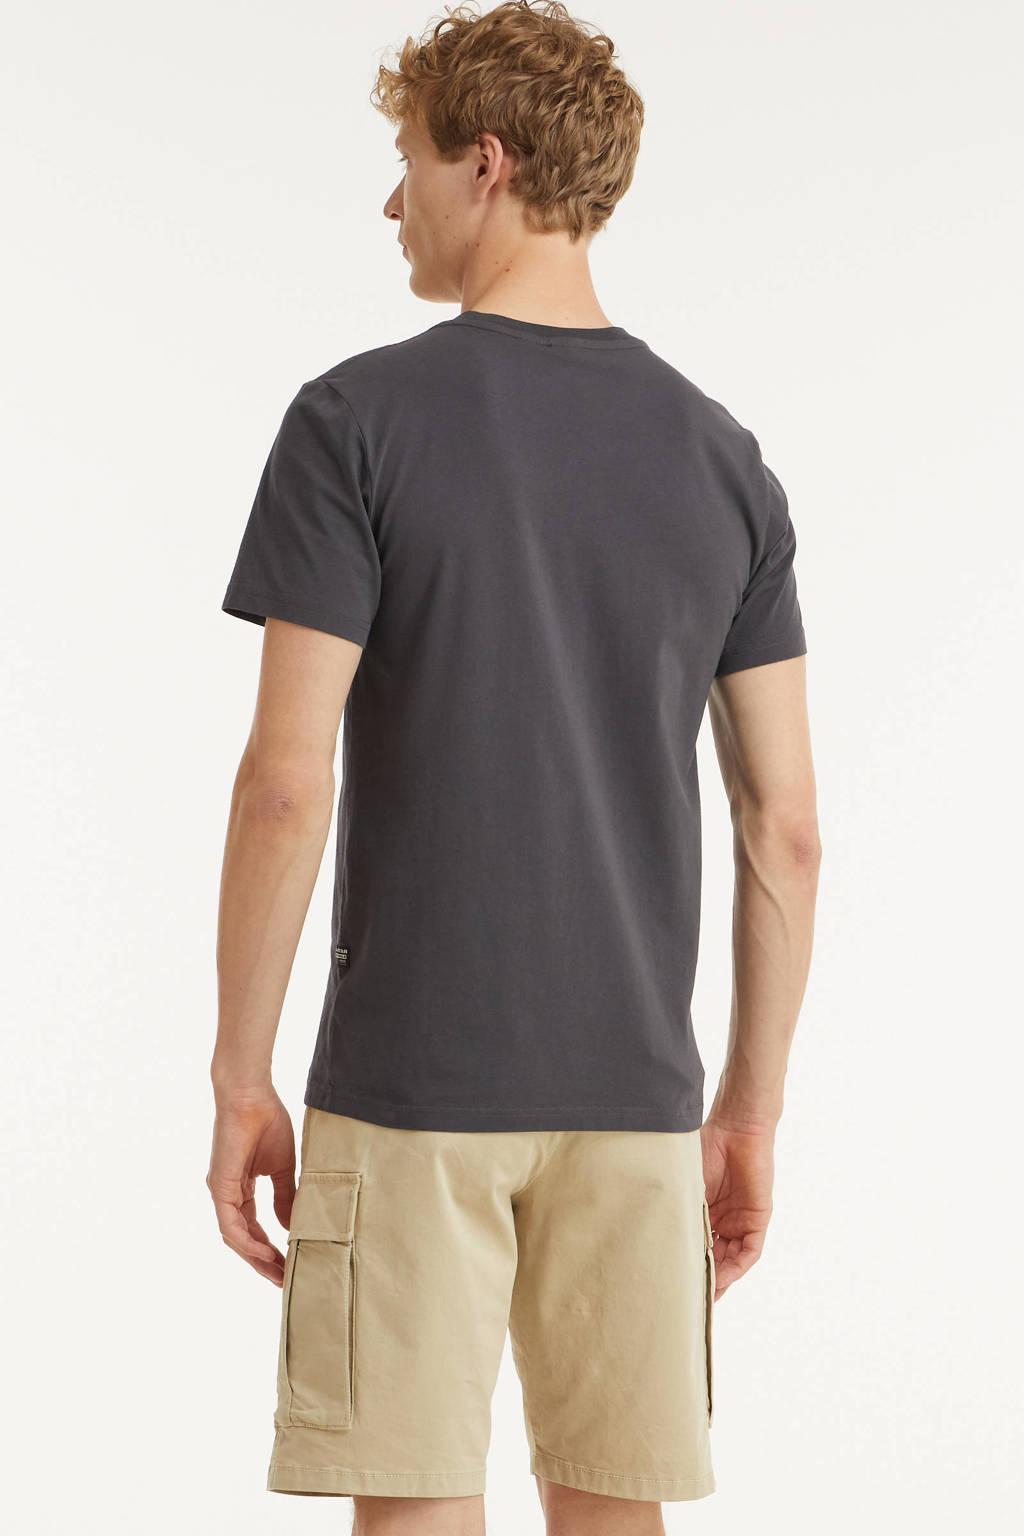 G-Star RAW T-shirt van biologisch katoen antraciet, Antraciet